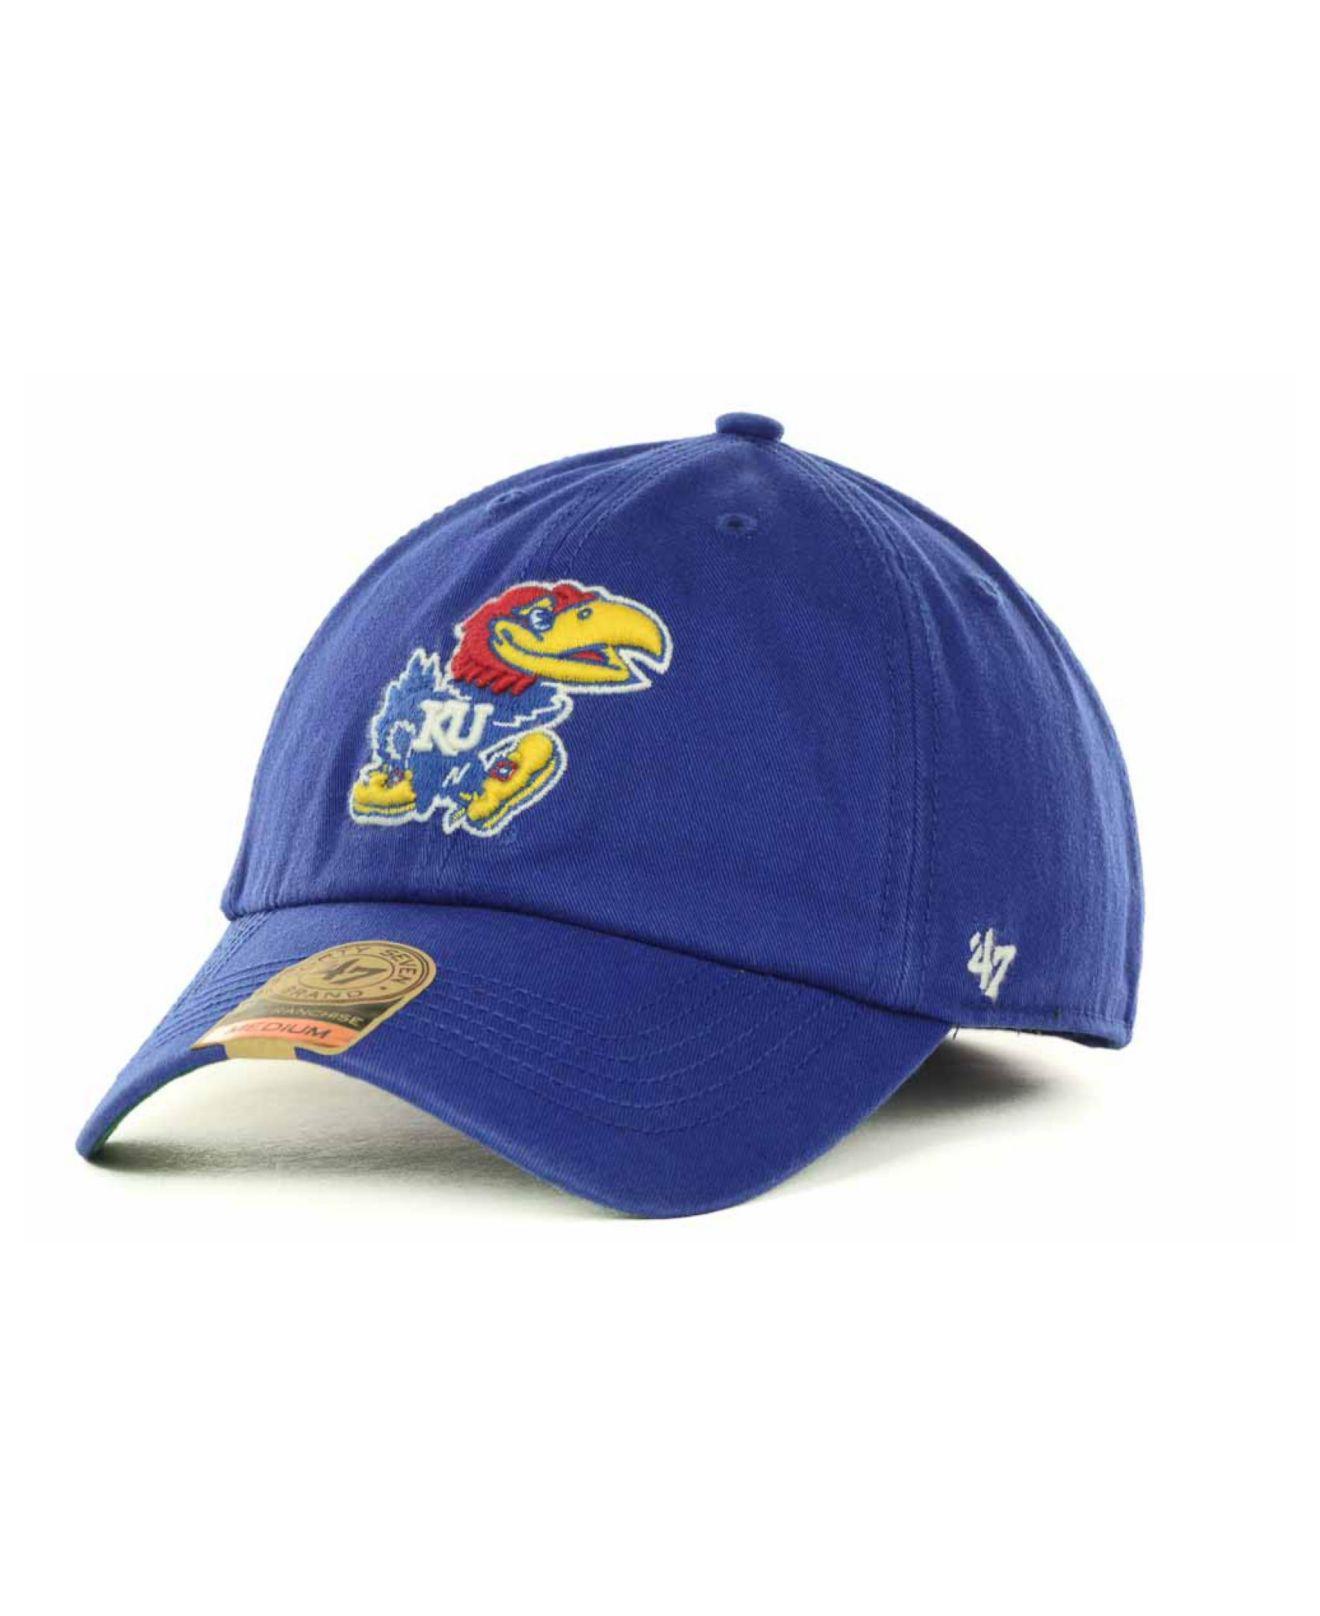 d1ed9479a6d79 Lyst - 47 Brand Kansas Jayhawks Franchise Cap in Blue for Men